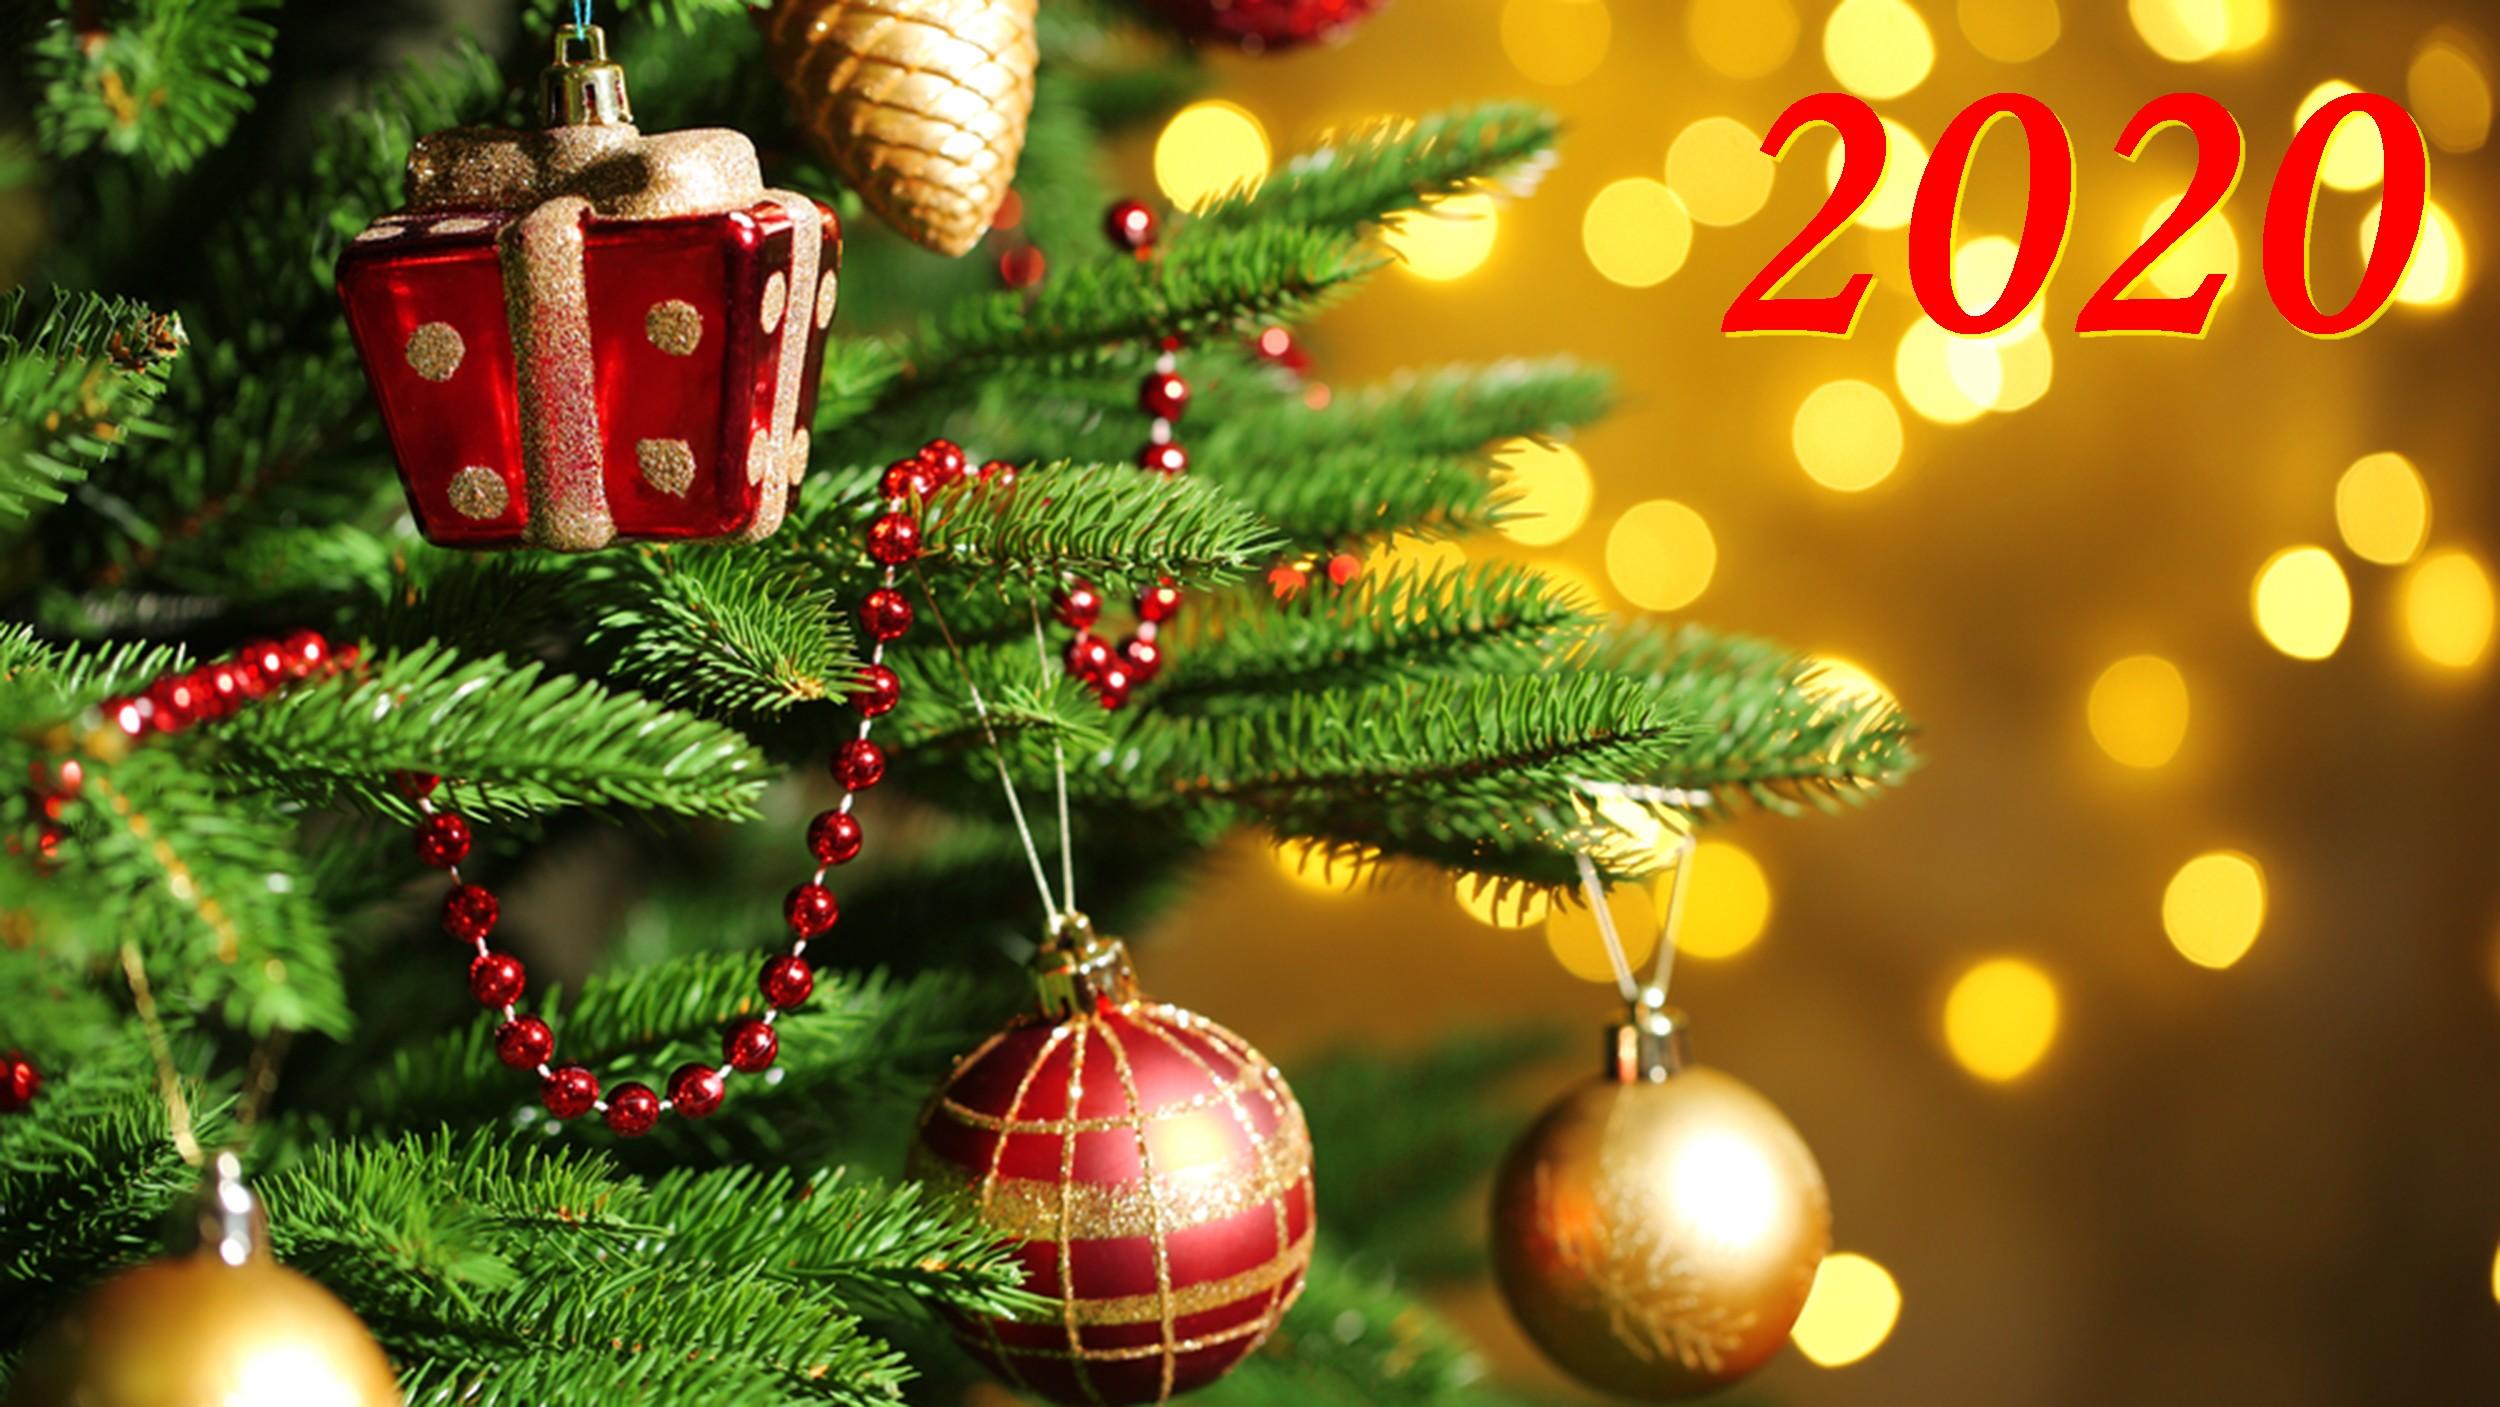 Привітання з Новим 2020 роком!